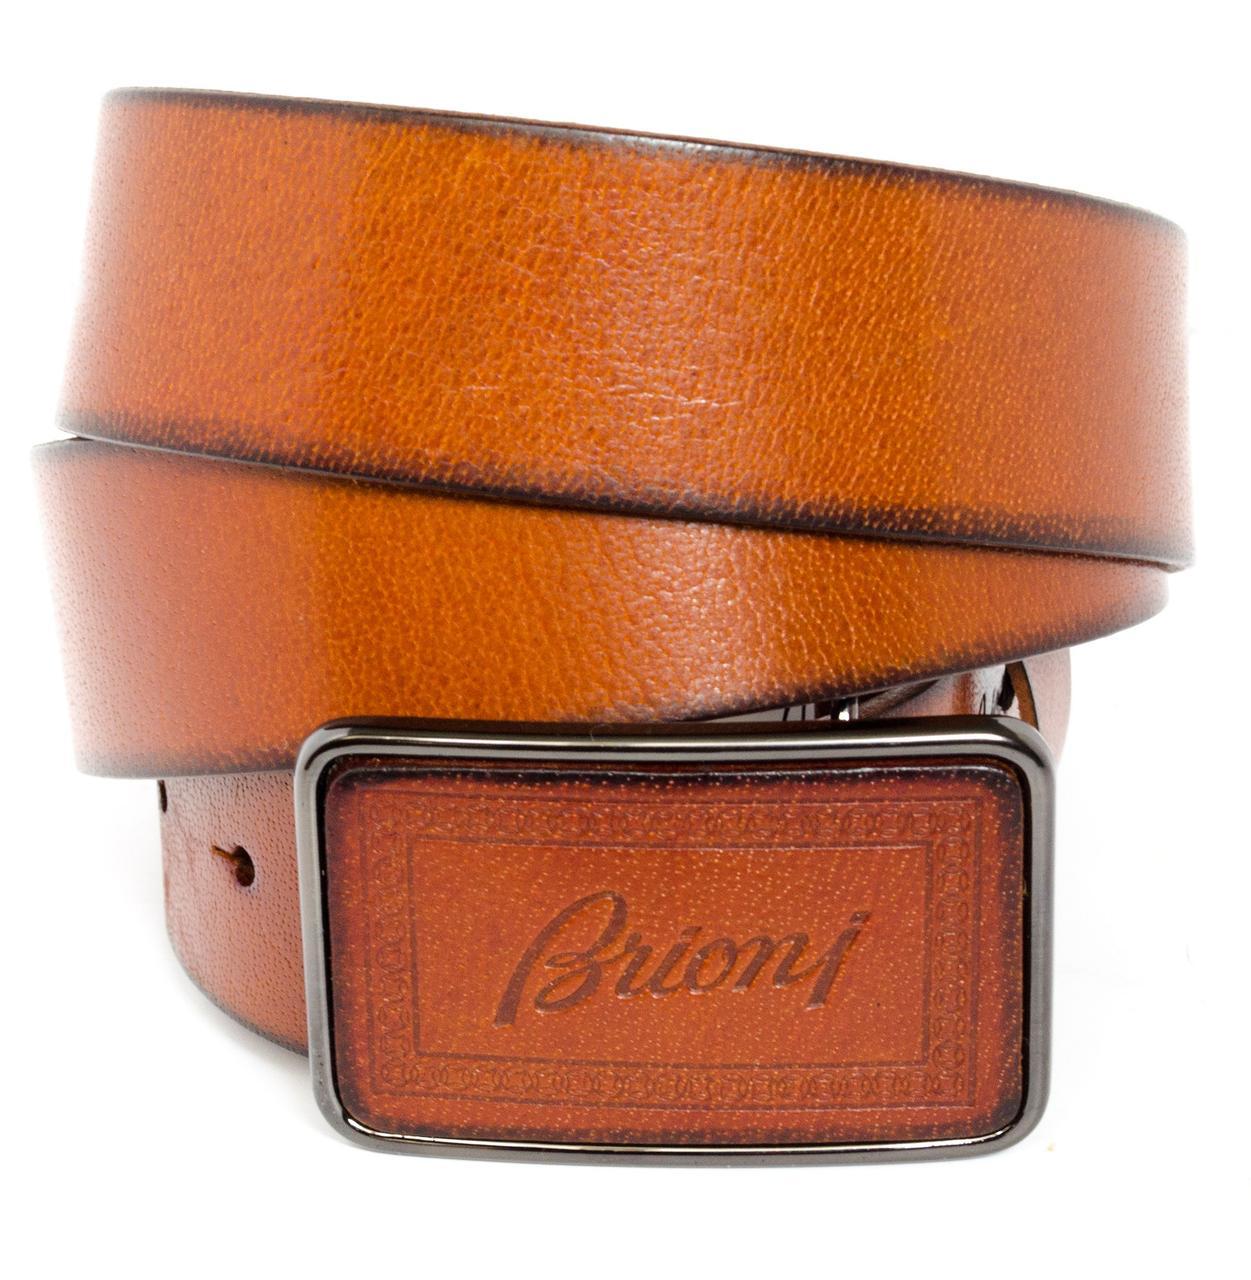 Купить ремень для мужских брюк кожаные ремни для часов мужские широкие